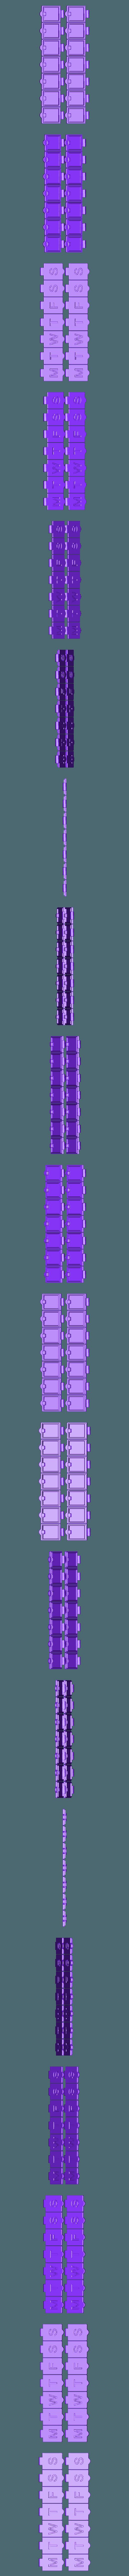 Long_box_Lids.stl Télécharger fichier STL gratuit Pilulier 2 semaines • Objet pour imprimante 3D, Oggie